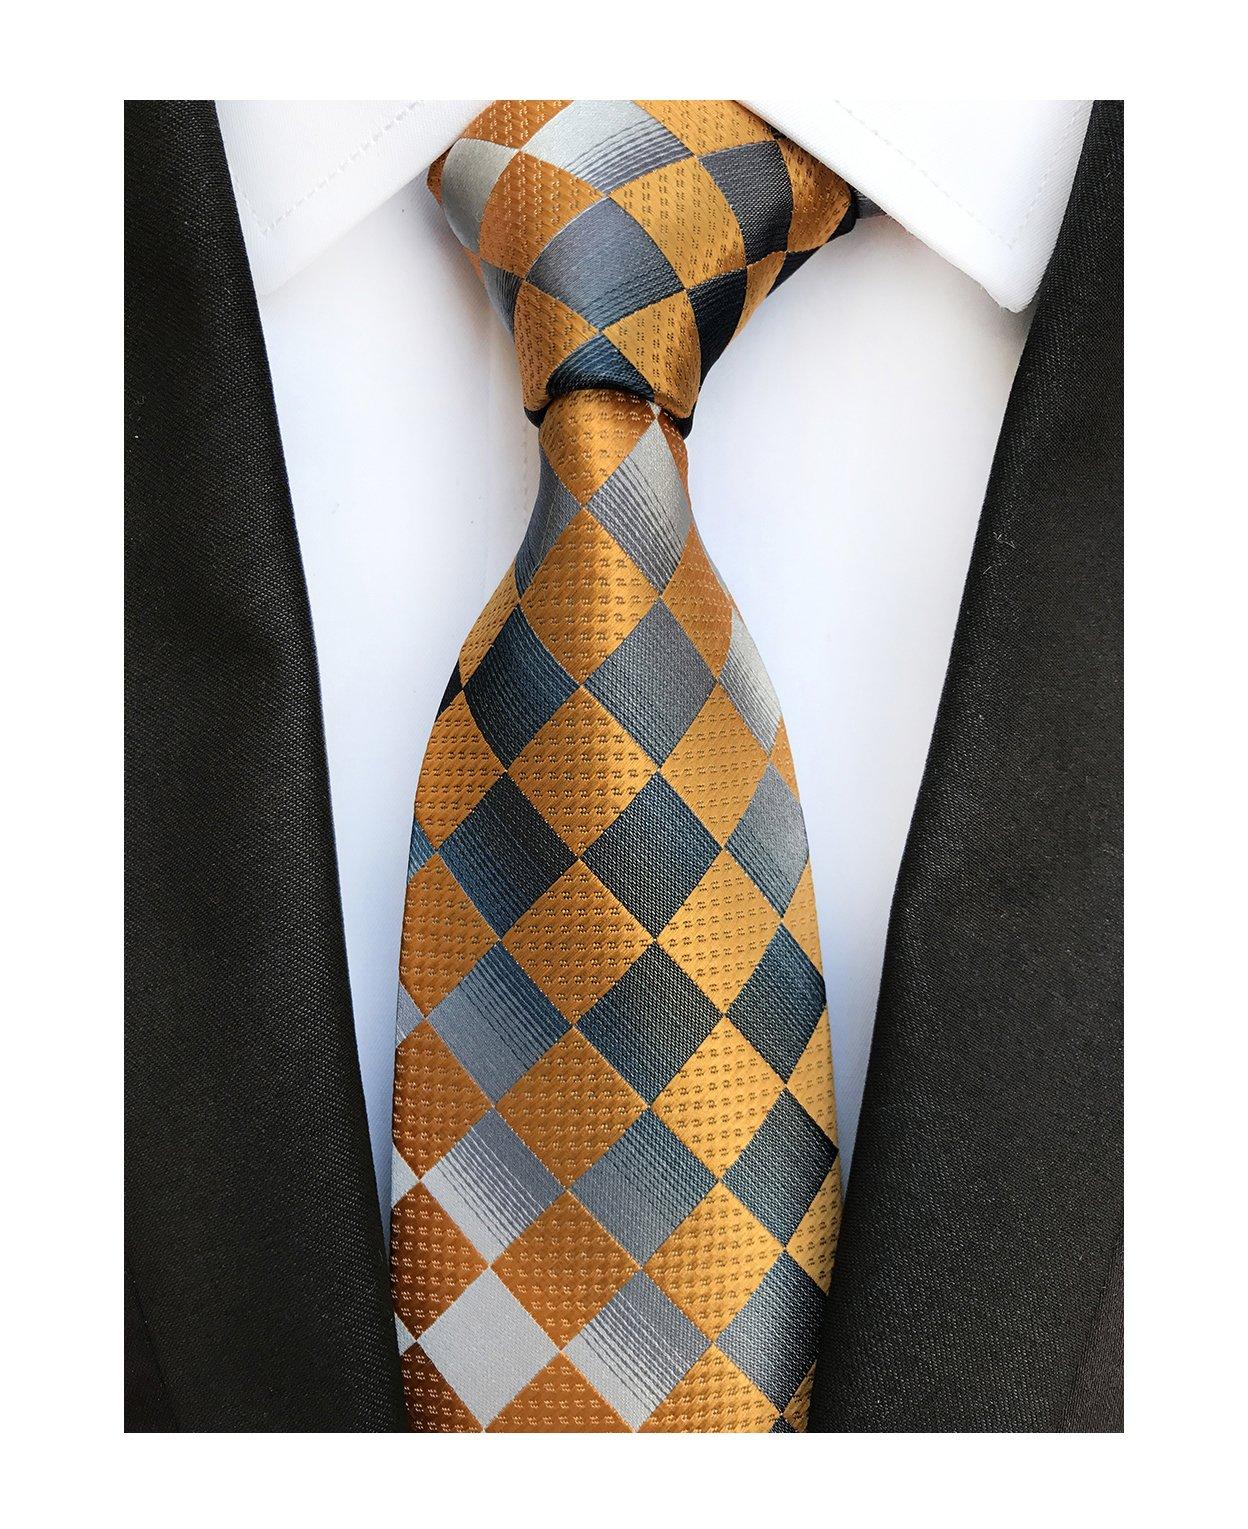 Men's Slim Orange Grey Woven Polyester Ties Casual Party Wedding Dress Neckties